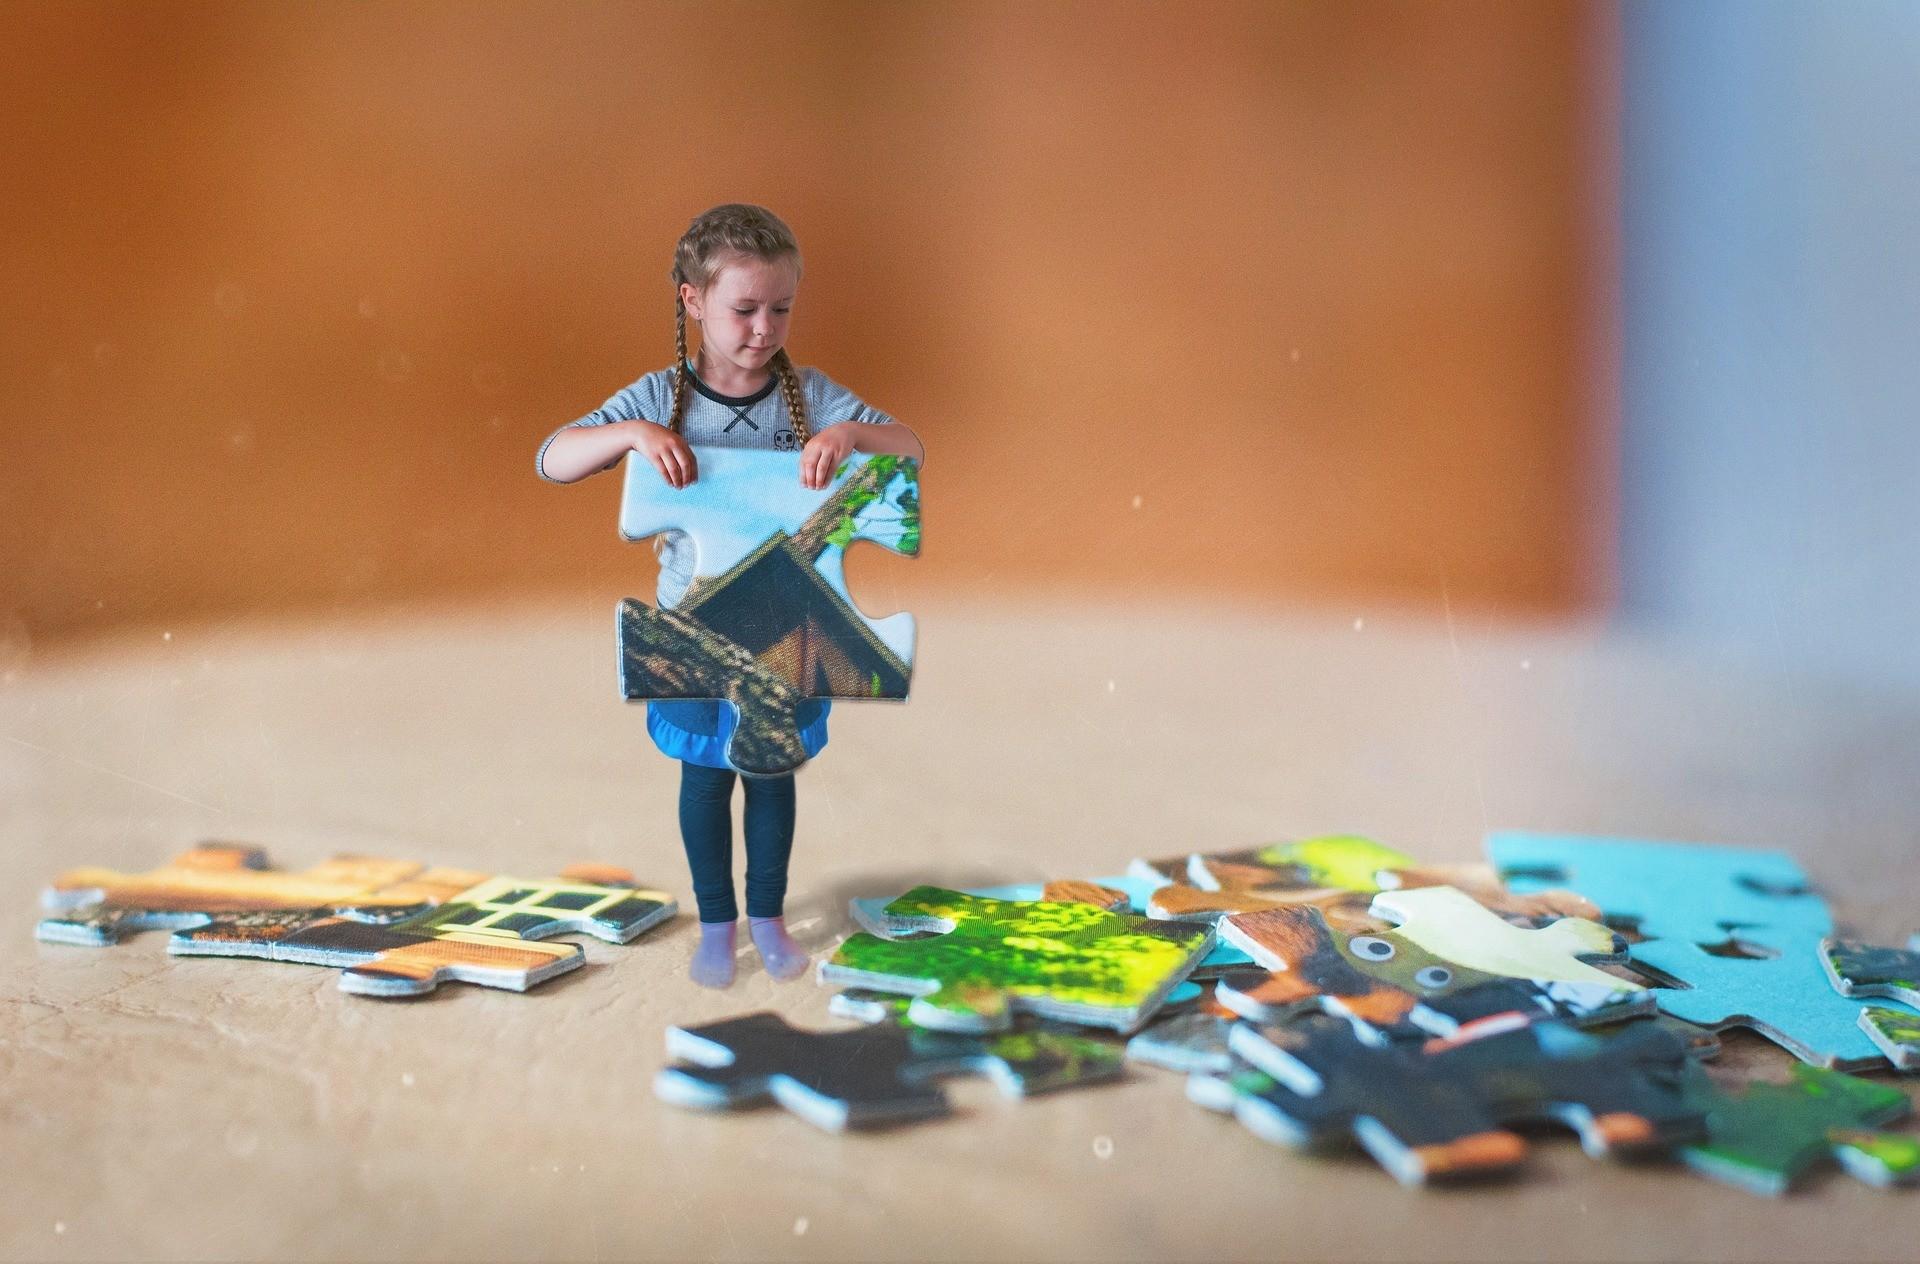 7 психологических тестов, которые скажут о ребенке больше, чем ты хочешь знать